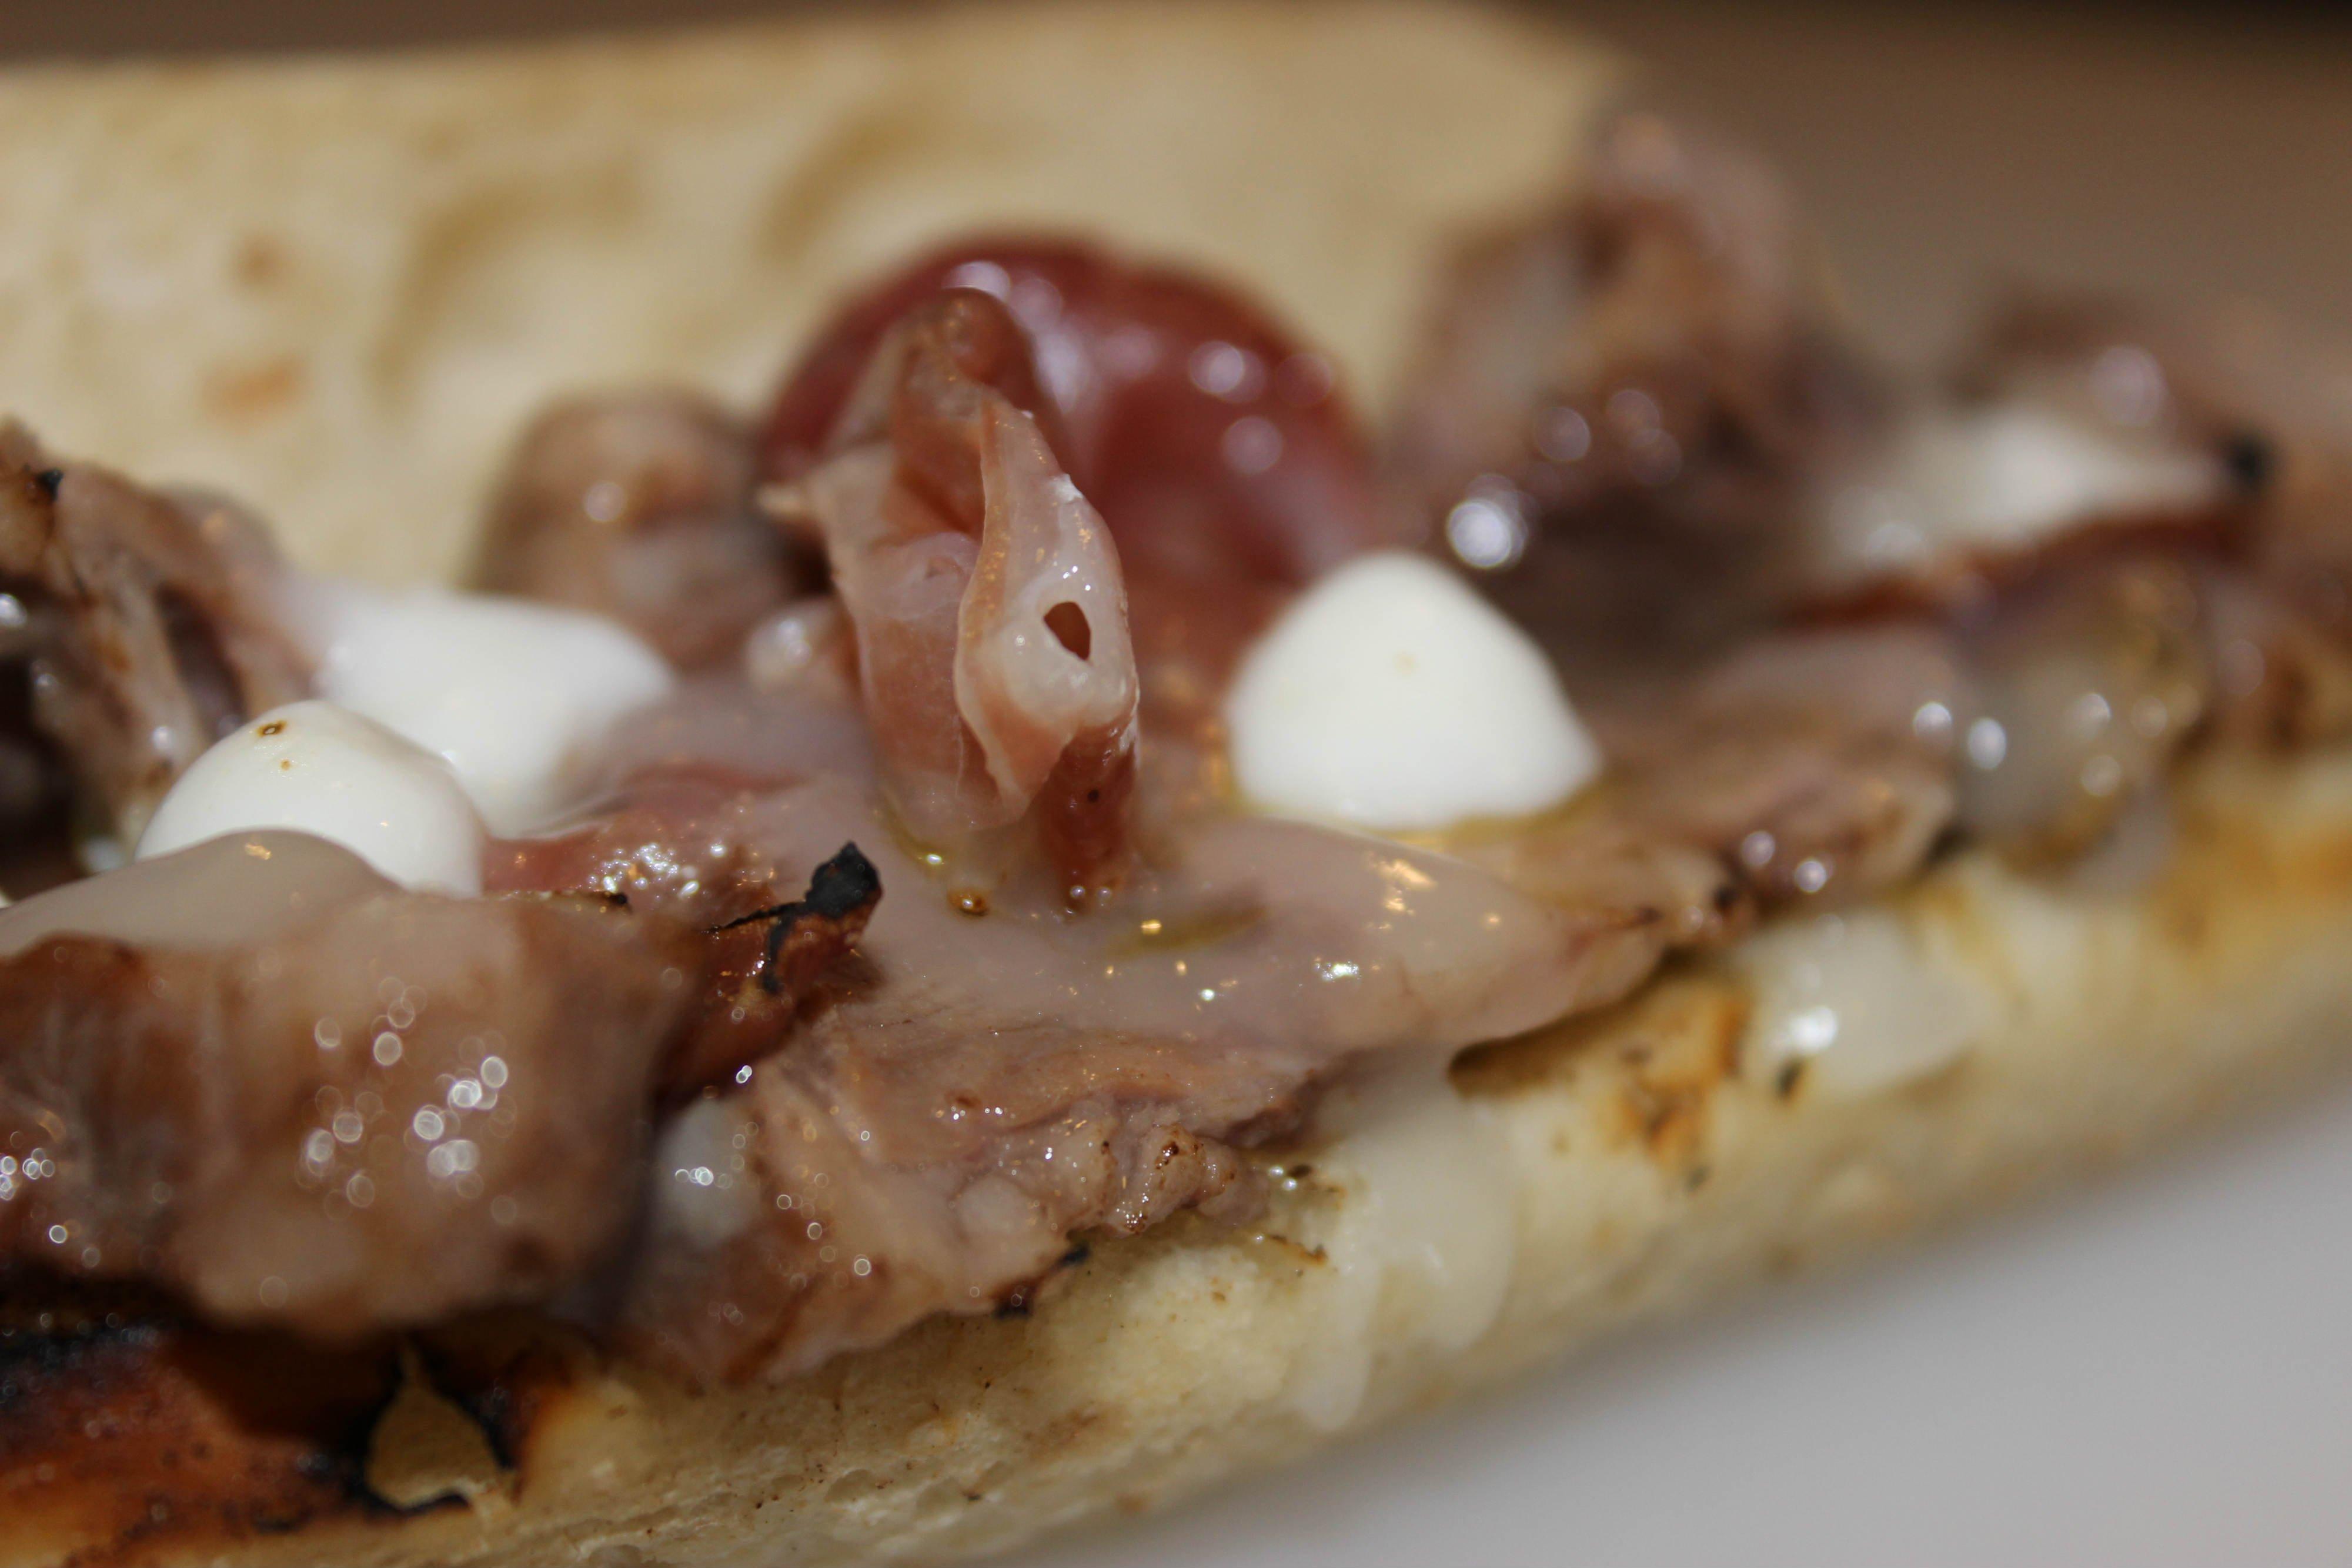 El jamón ibérico de bellota y la importancia de las grasas cardiosaludables en la dieta